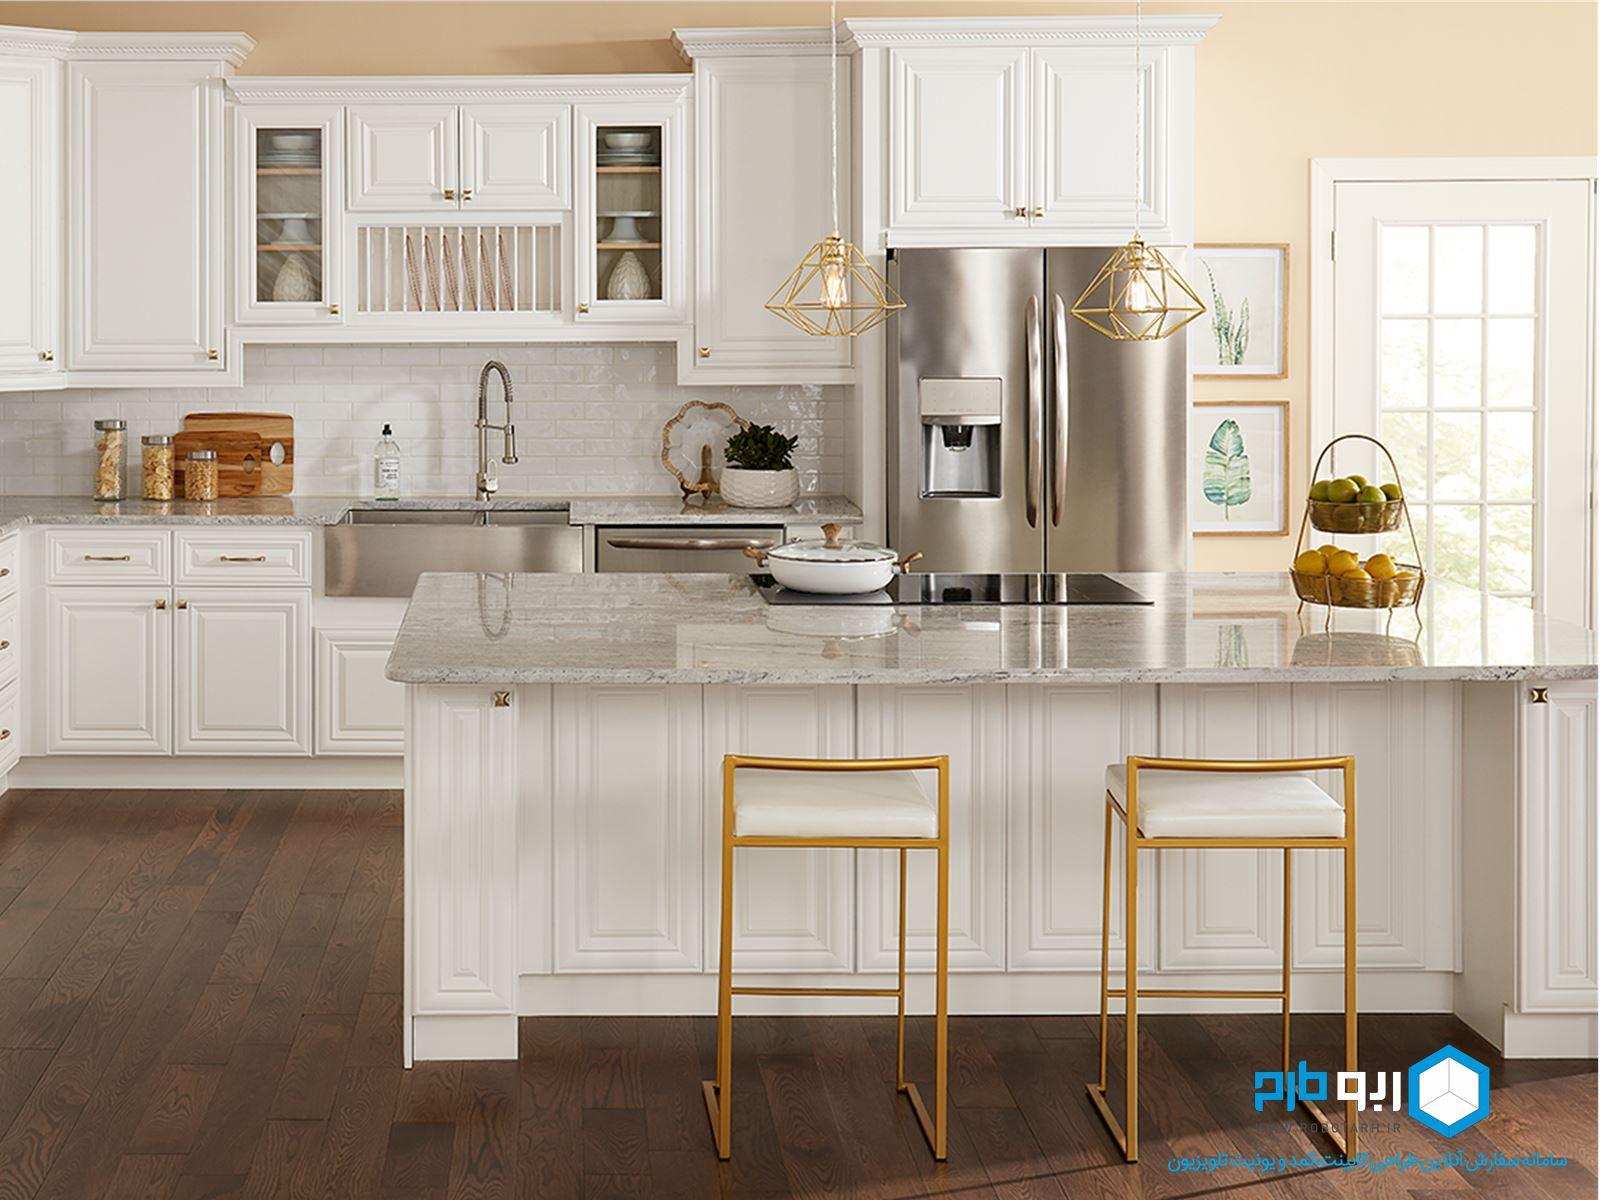 کابینت سفید و ترکیب رنگ طلایی